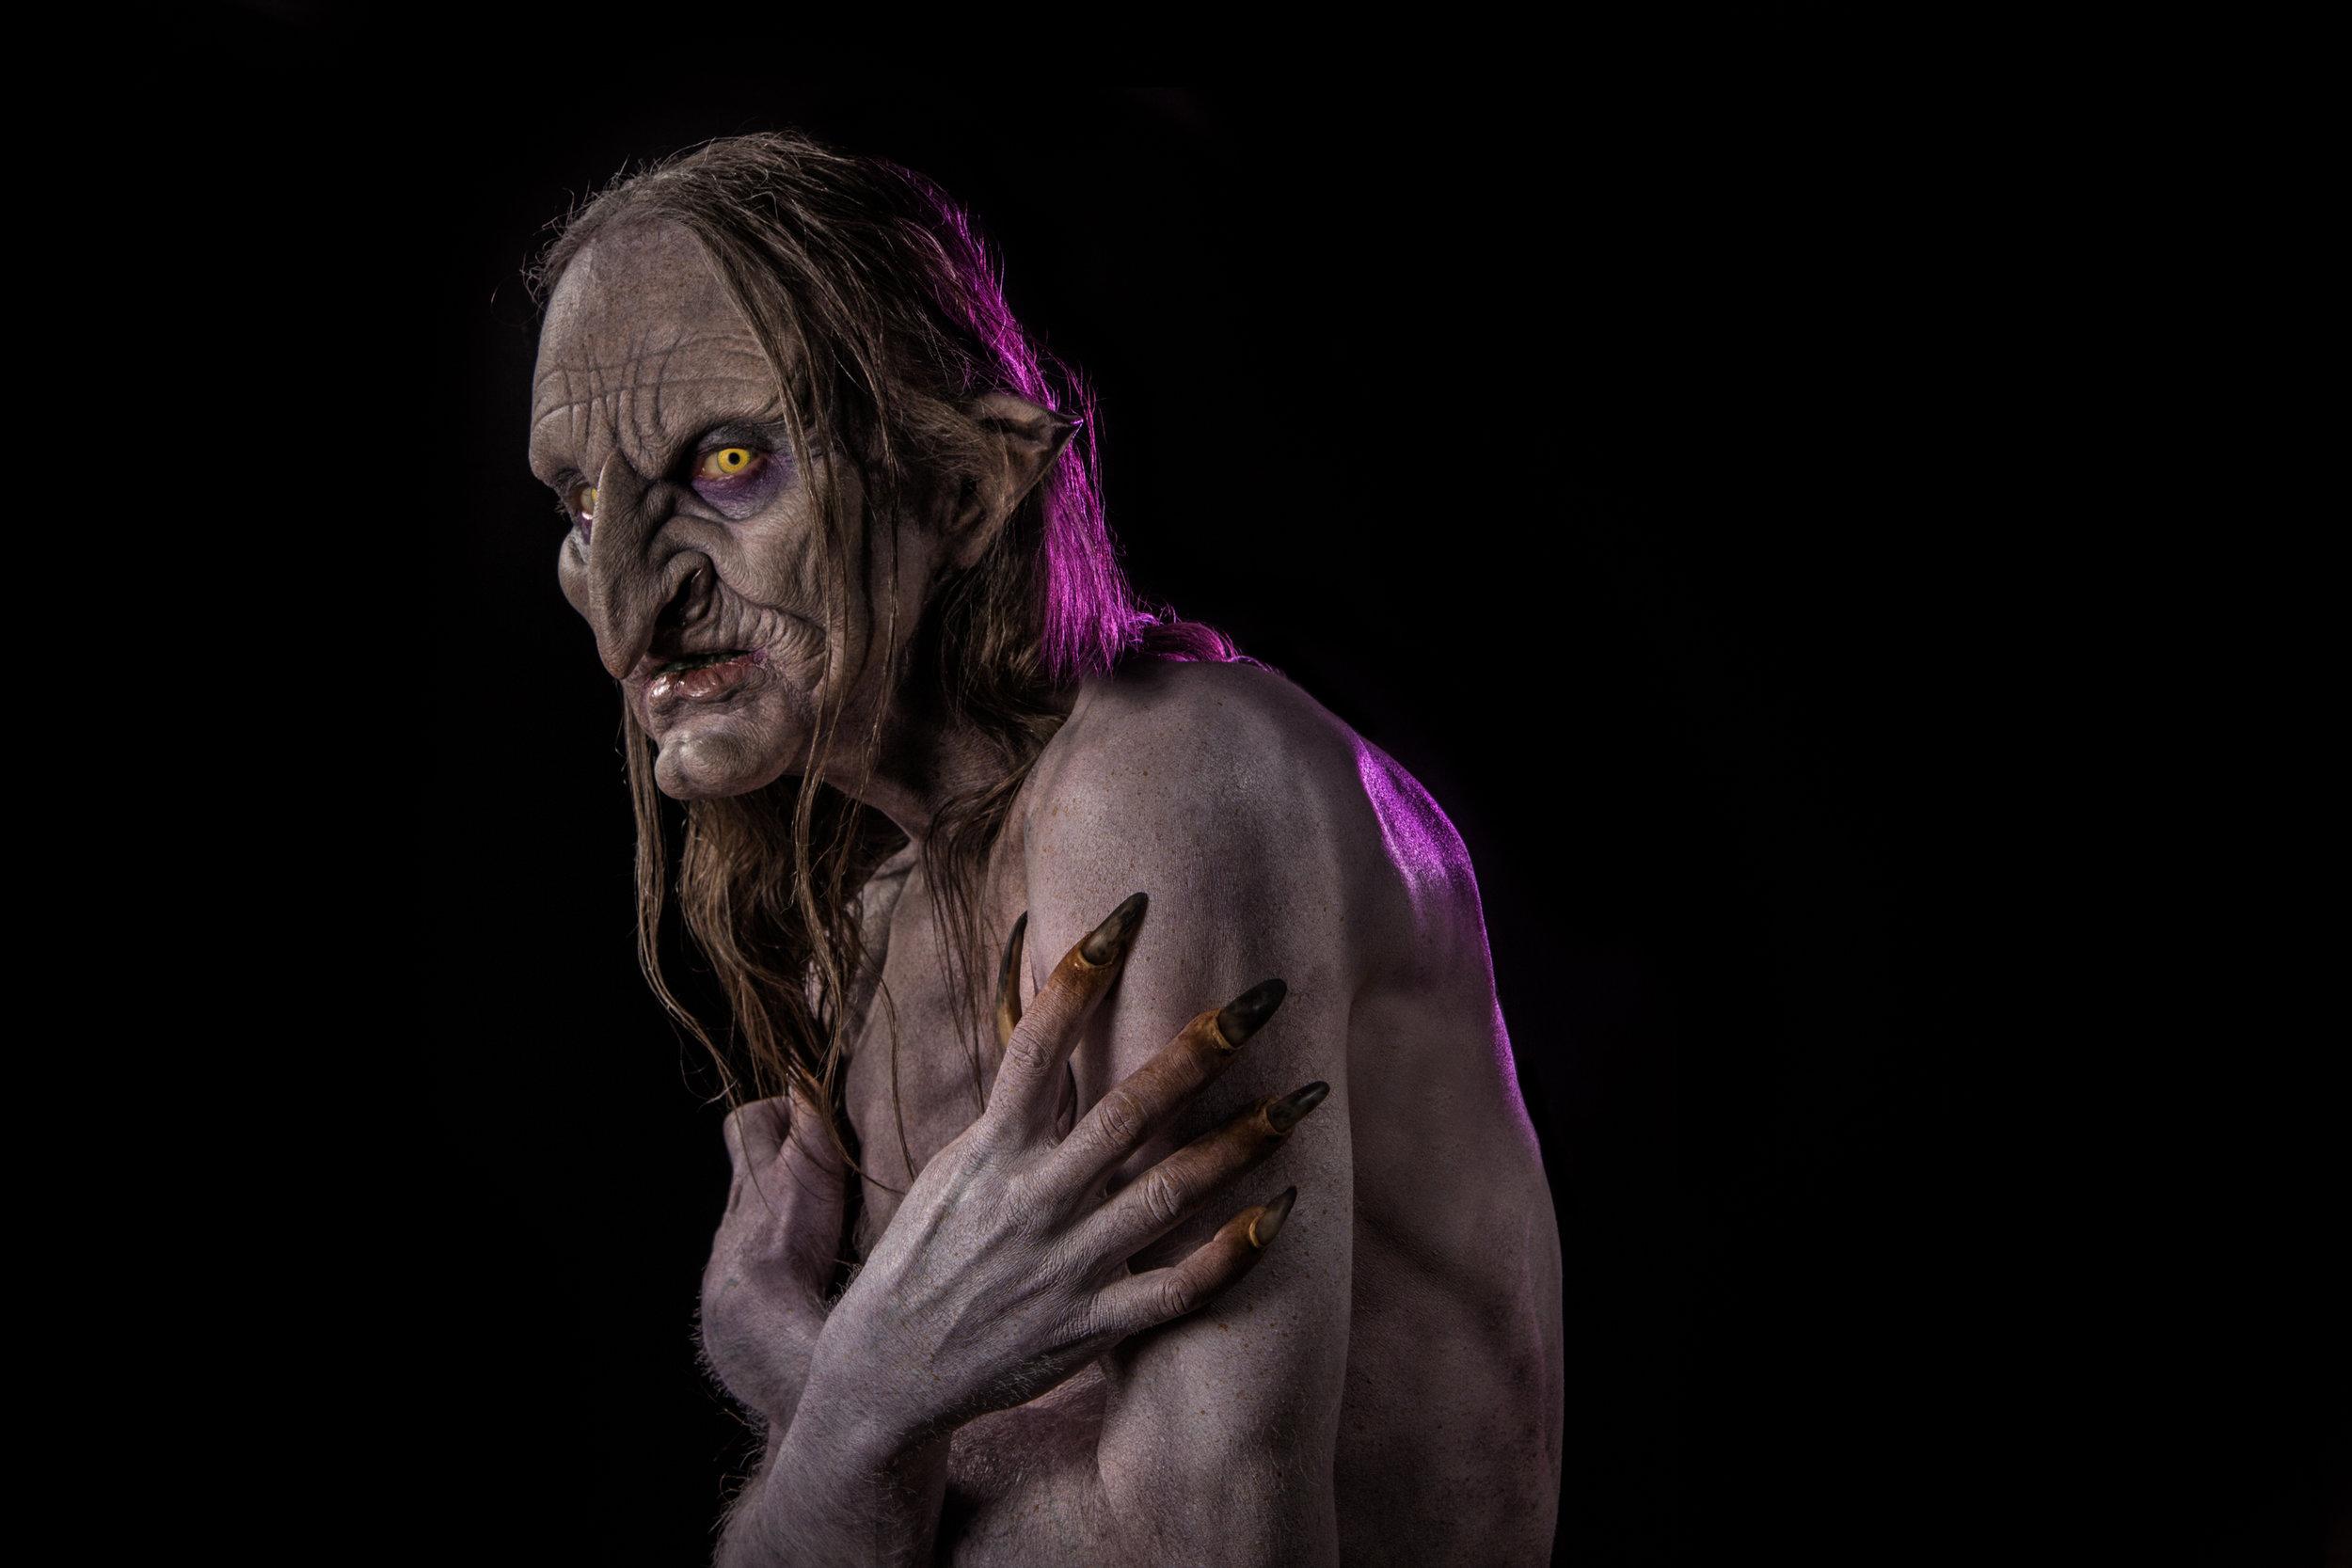 Model: Paul Clough